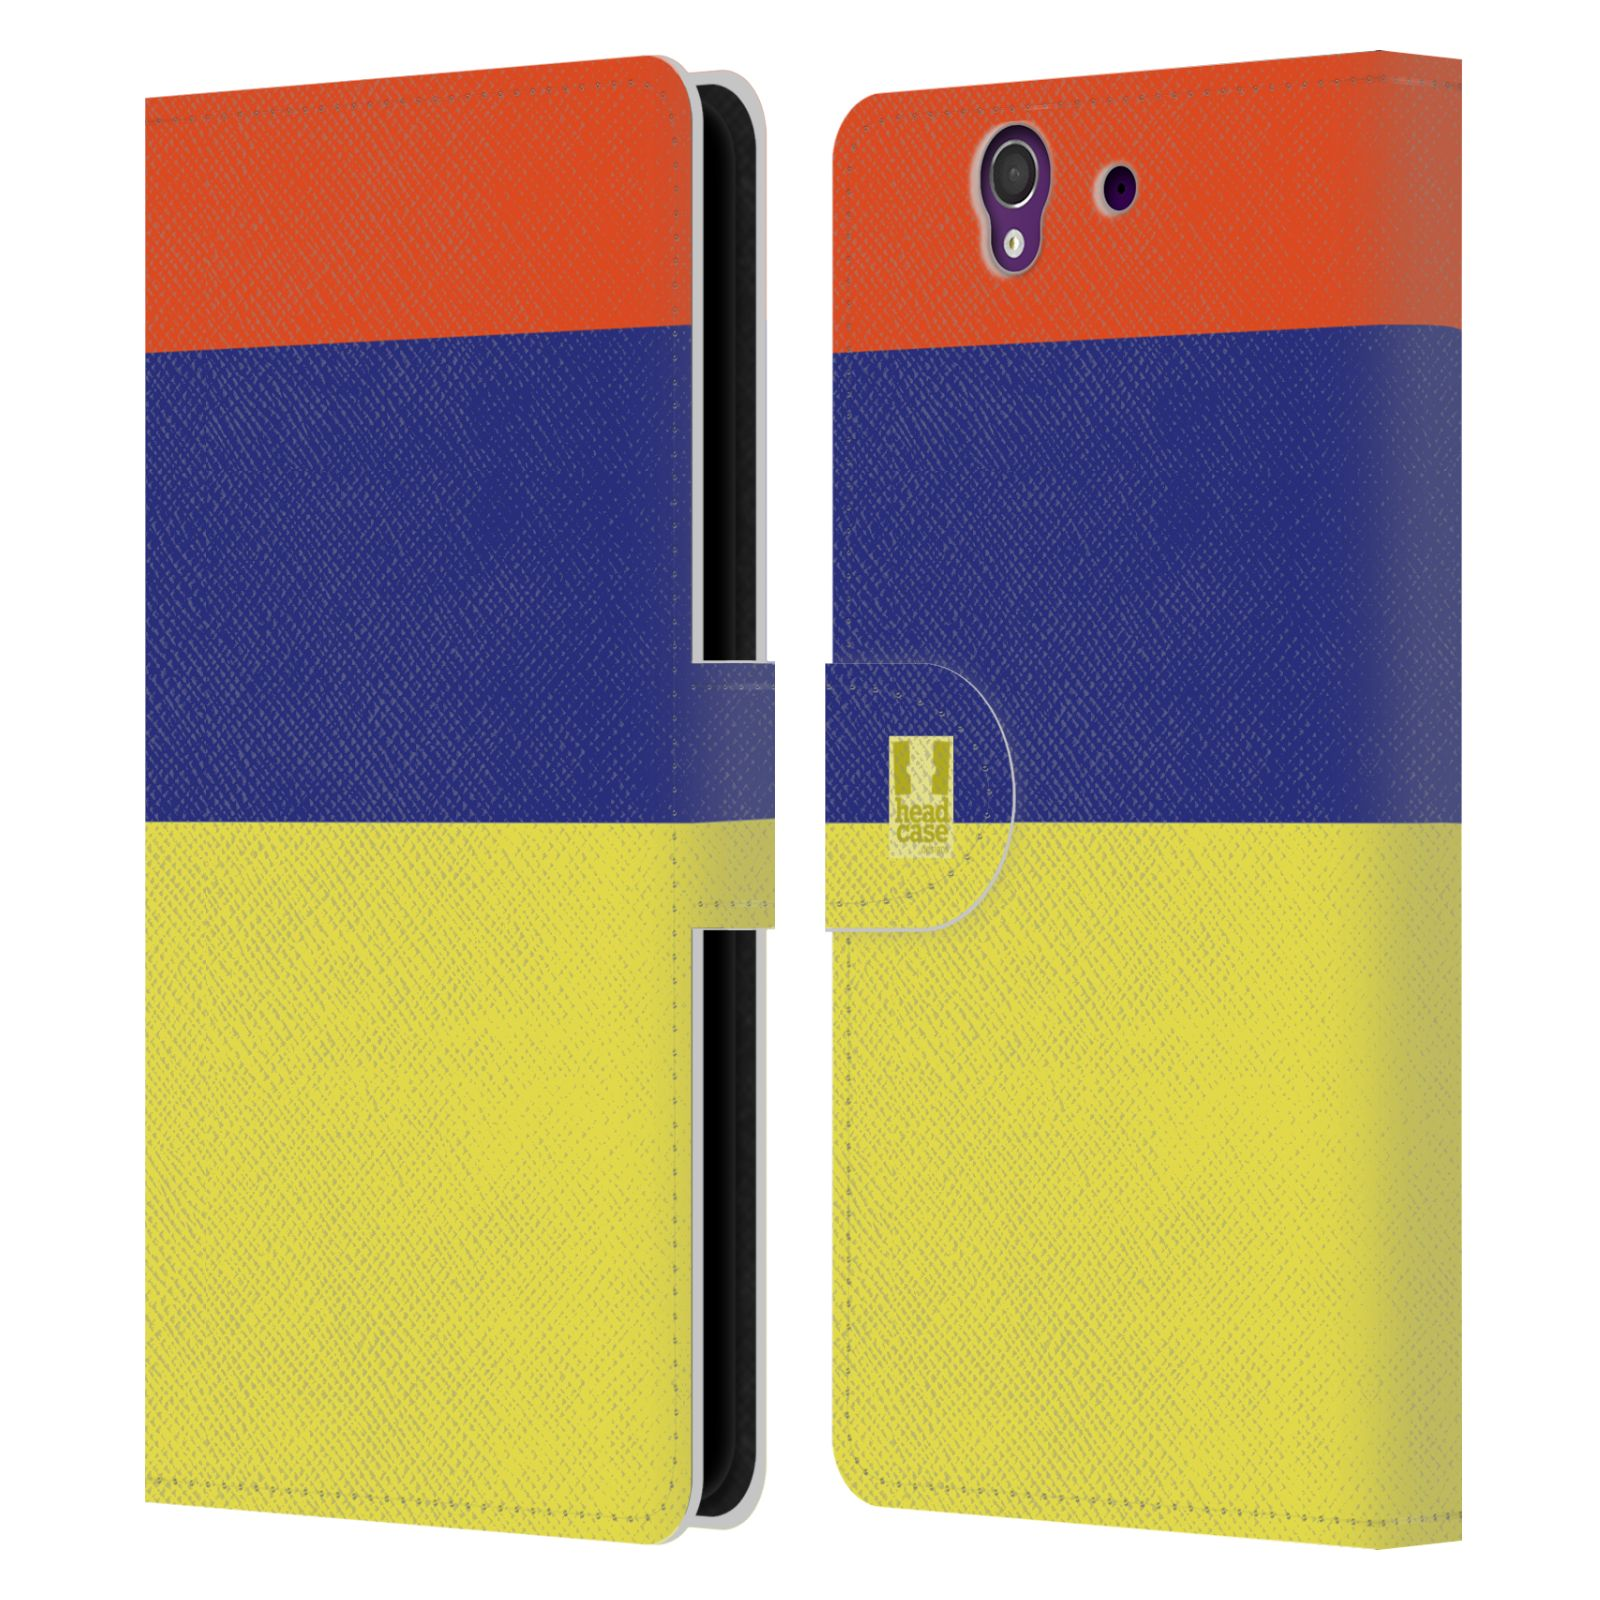 HEAD CASE Flipové pouzdro pro mobil SONY Xperia Z barevné tvary žlutá, modrá, červená